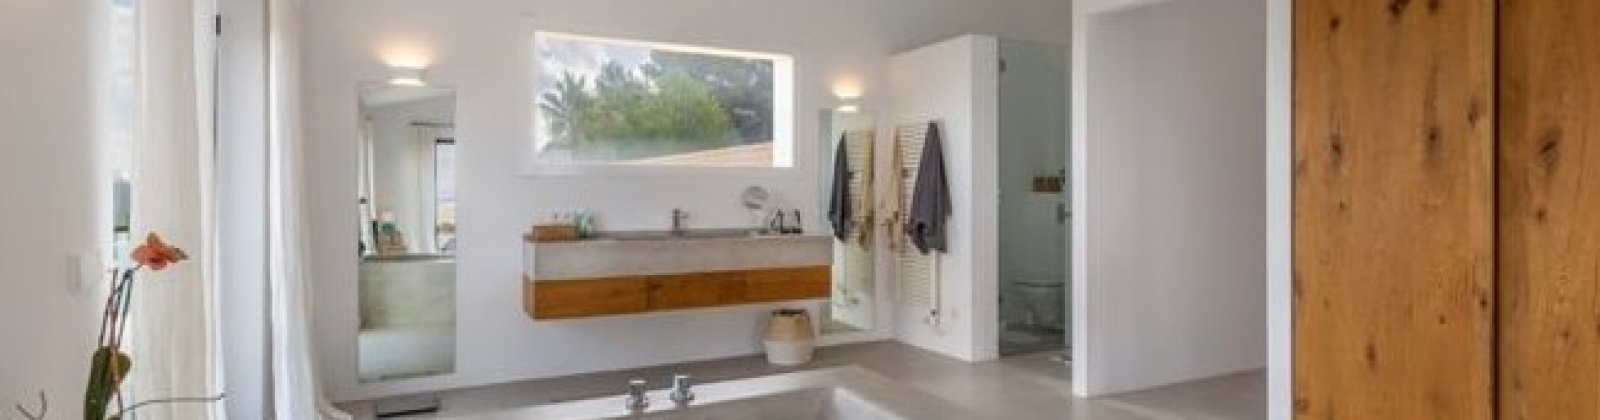 3 Bedrooms Bedrooms, ,3 BathroomsBathrooms,Villa,For Sale,1018